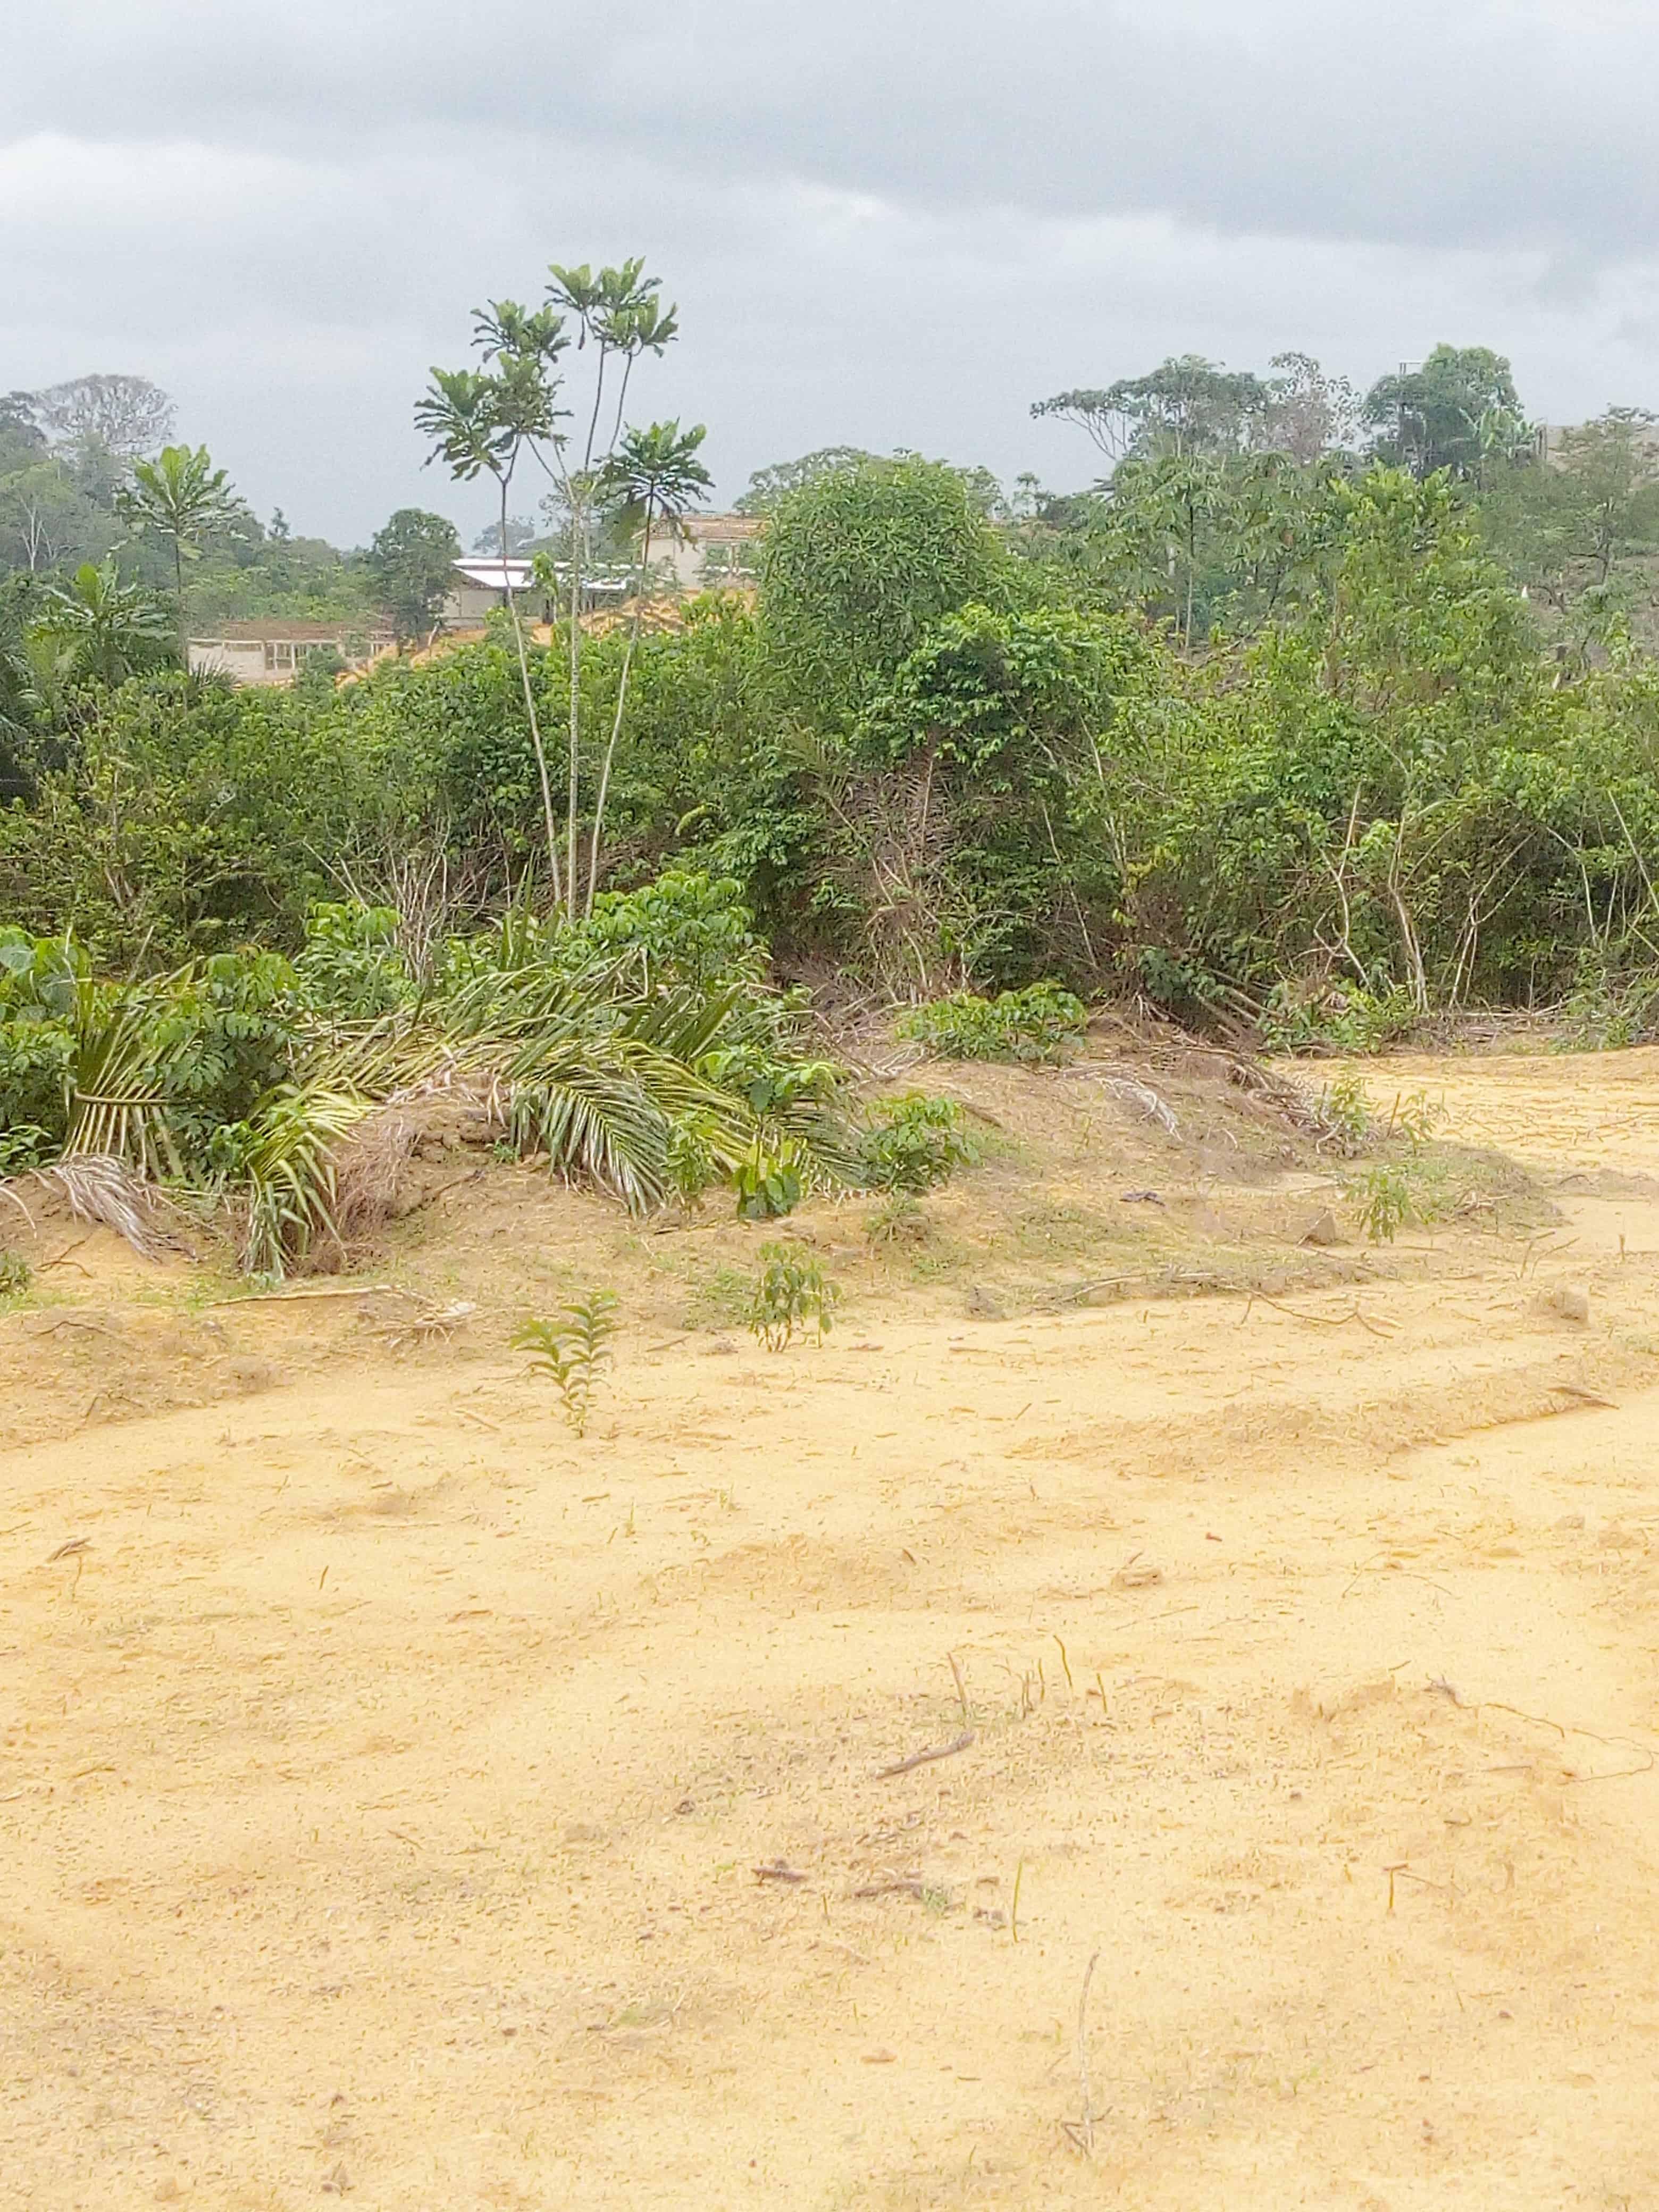 Land for sale at Douala, PK 27, Pk27 - 30000 m2 - 3 000 000 FCFA